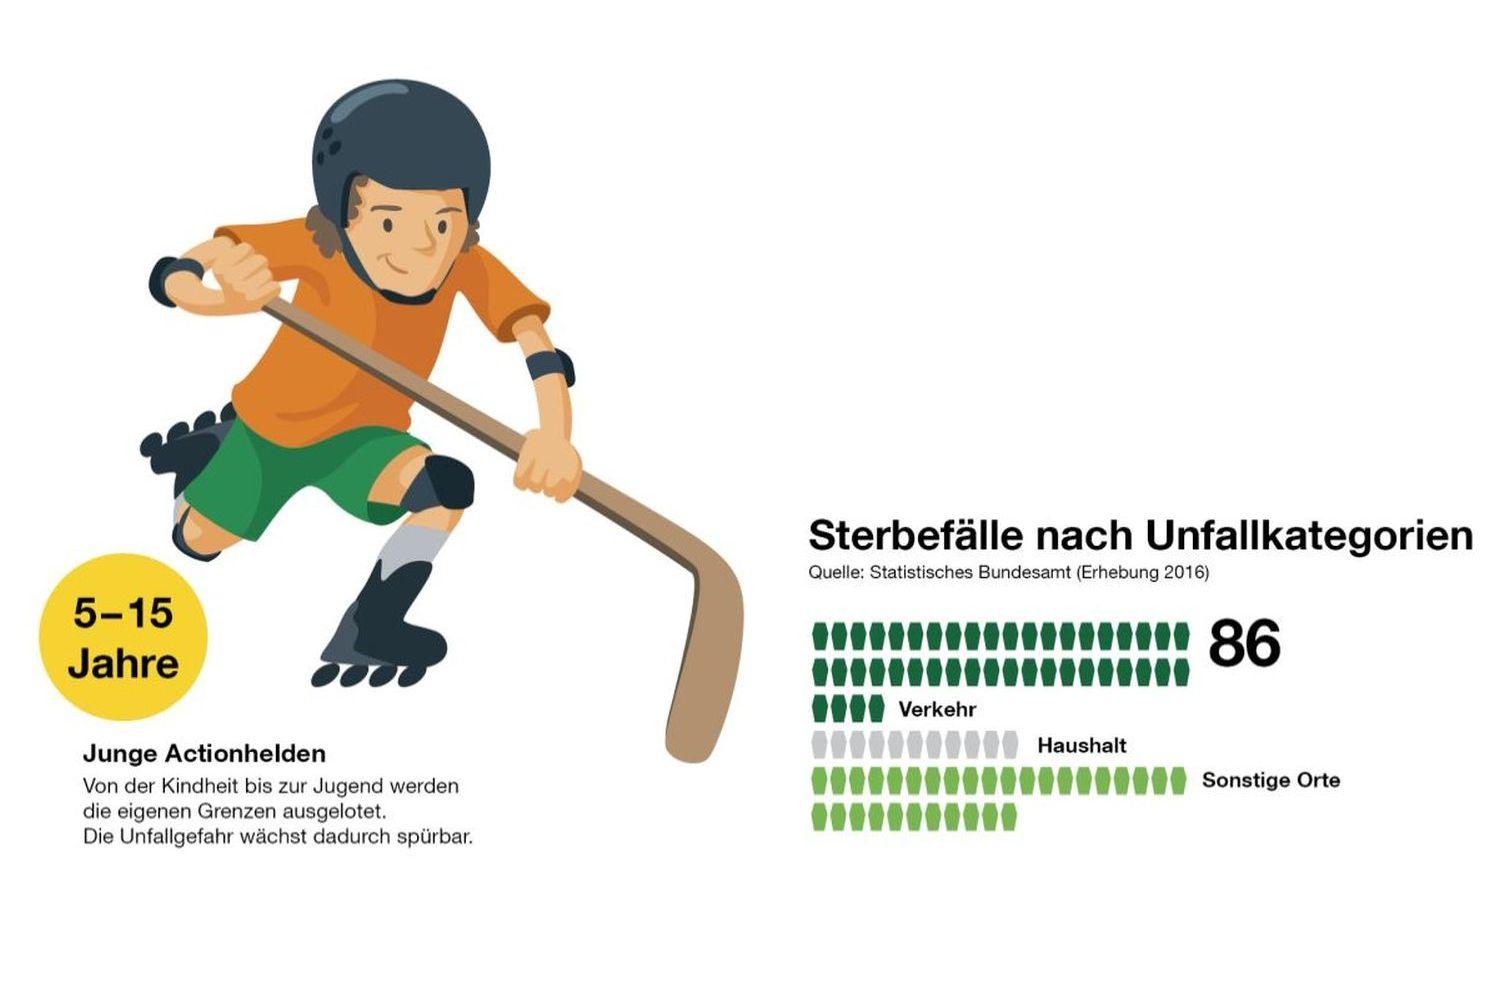 Quelle: Statistisches Bundesamt (Erhebung 2016) / Illustration: Benjamin Hartmann